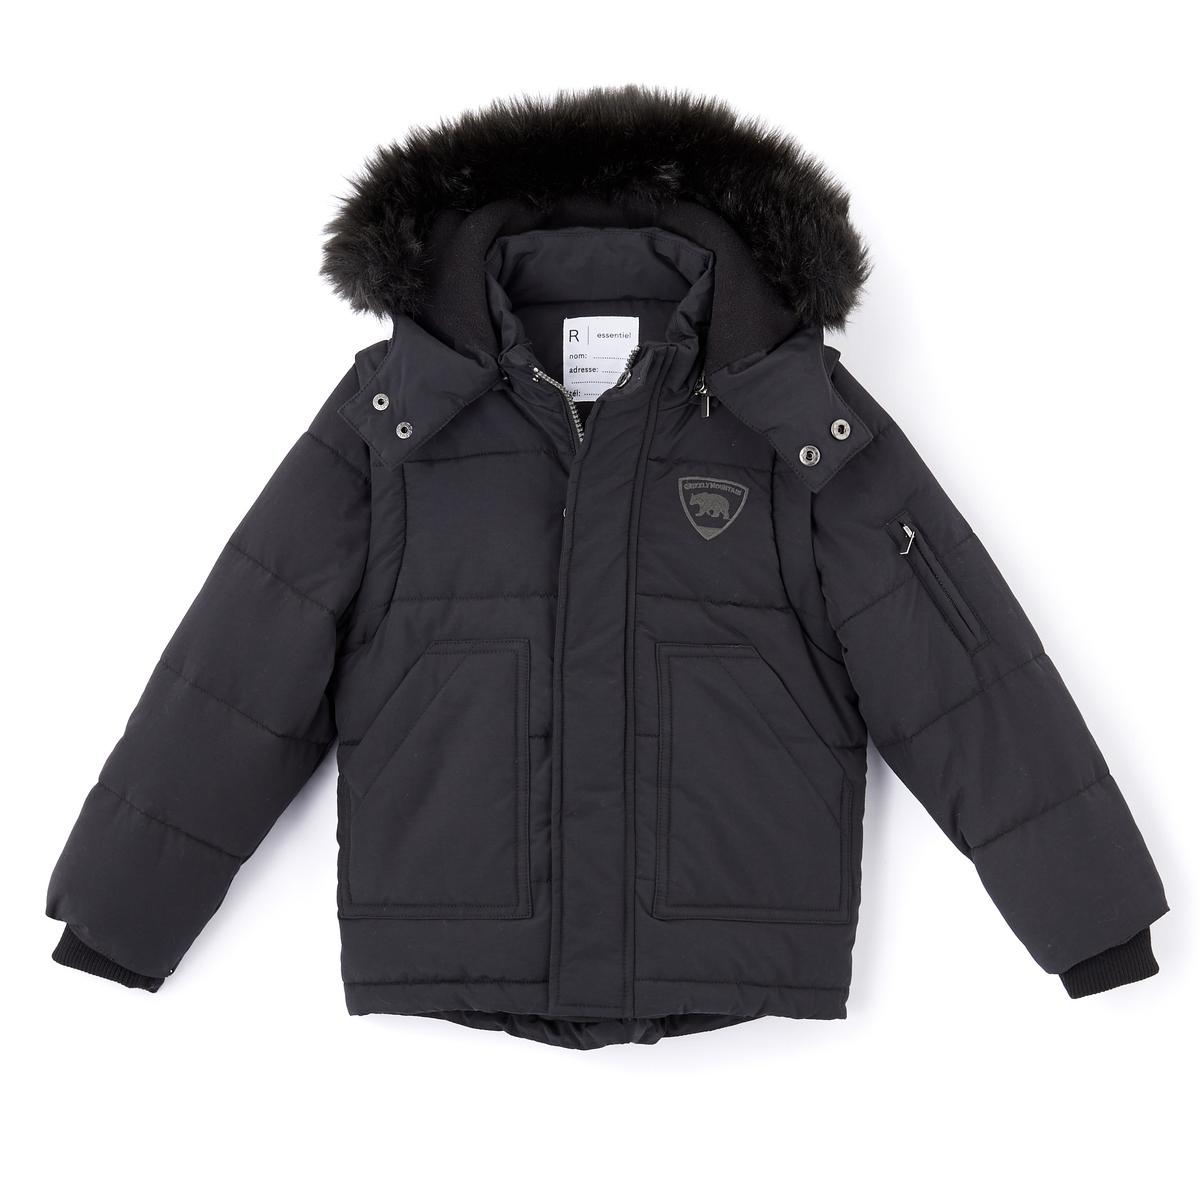 Куртка стеганая с капюшоном для мальчика, 3-12 летОписание:Детали •  Зимняя модель •  Непромокаемое •  Застежка на молнию •  С капюшоном •  Длина  : укороченная  Состав и уход •  55% хлопка, 45% полиамида •  Наполнитель : 100% полиэстер •  Температура стирки 30° •  Гладить при низкой температуре / не отбеливать • Барабанная сушка на слабом режиме       • Сухая чистка запрещена   Преимущества •  Съемные рукава •  Съемный капюшон •  Съемная оторочка из искусственного меха •  Внутренняя флисовая подкладка •  Внутренний карман<br><br>Цвет: темно-зеленый,черный<br>Размер: 8 лет - 126 см.6 лет - 114 см.5 лет - 108 см.4 года - 102 см.3 года - 94 см.4 года - 102 см